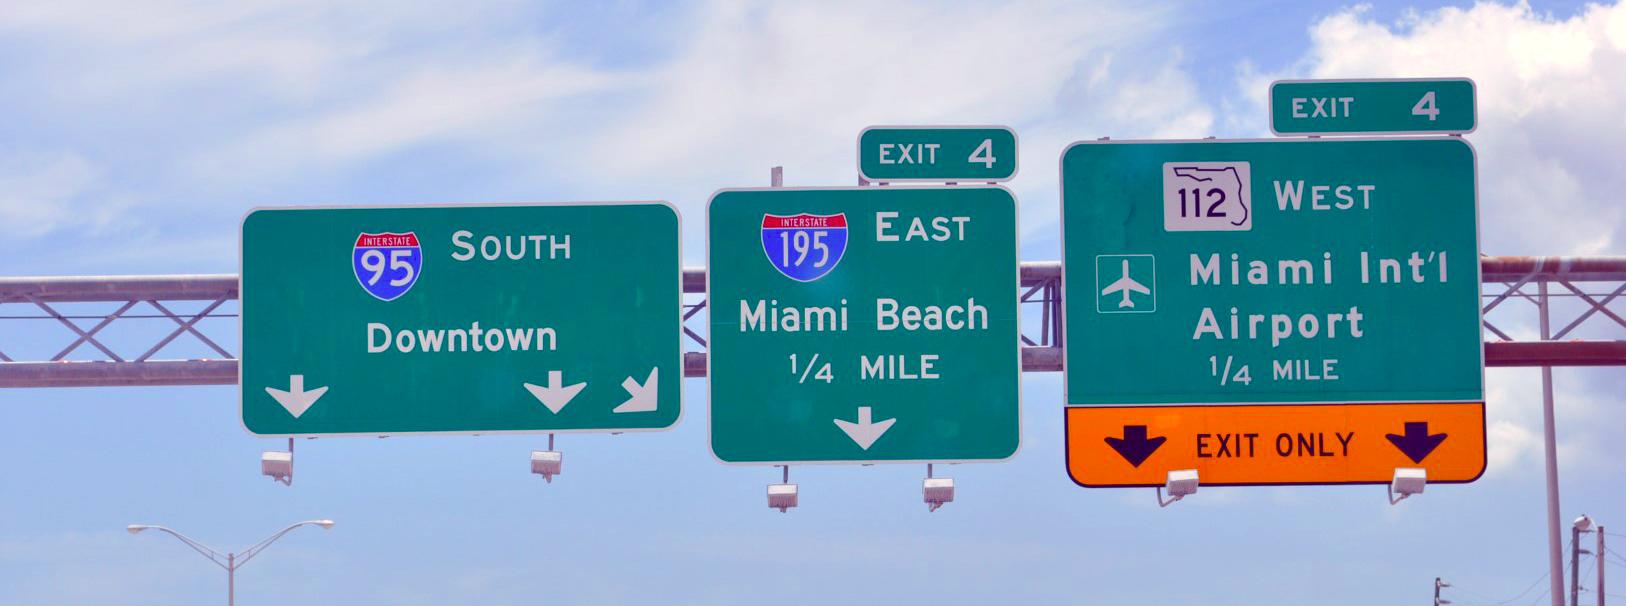 Qué hacer y ver en Miami, Florida Qué hacer y ver en Miami Qué hacer y ver en Miami 31344971566 68e043deba o